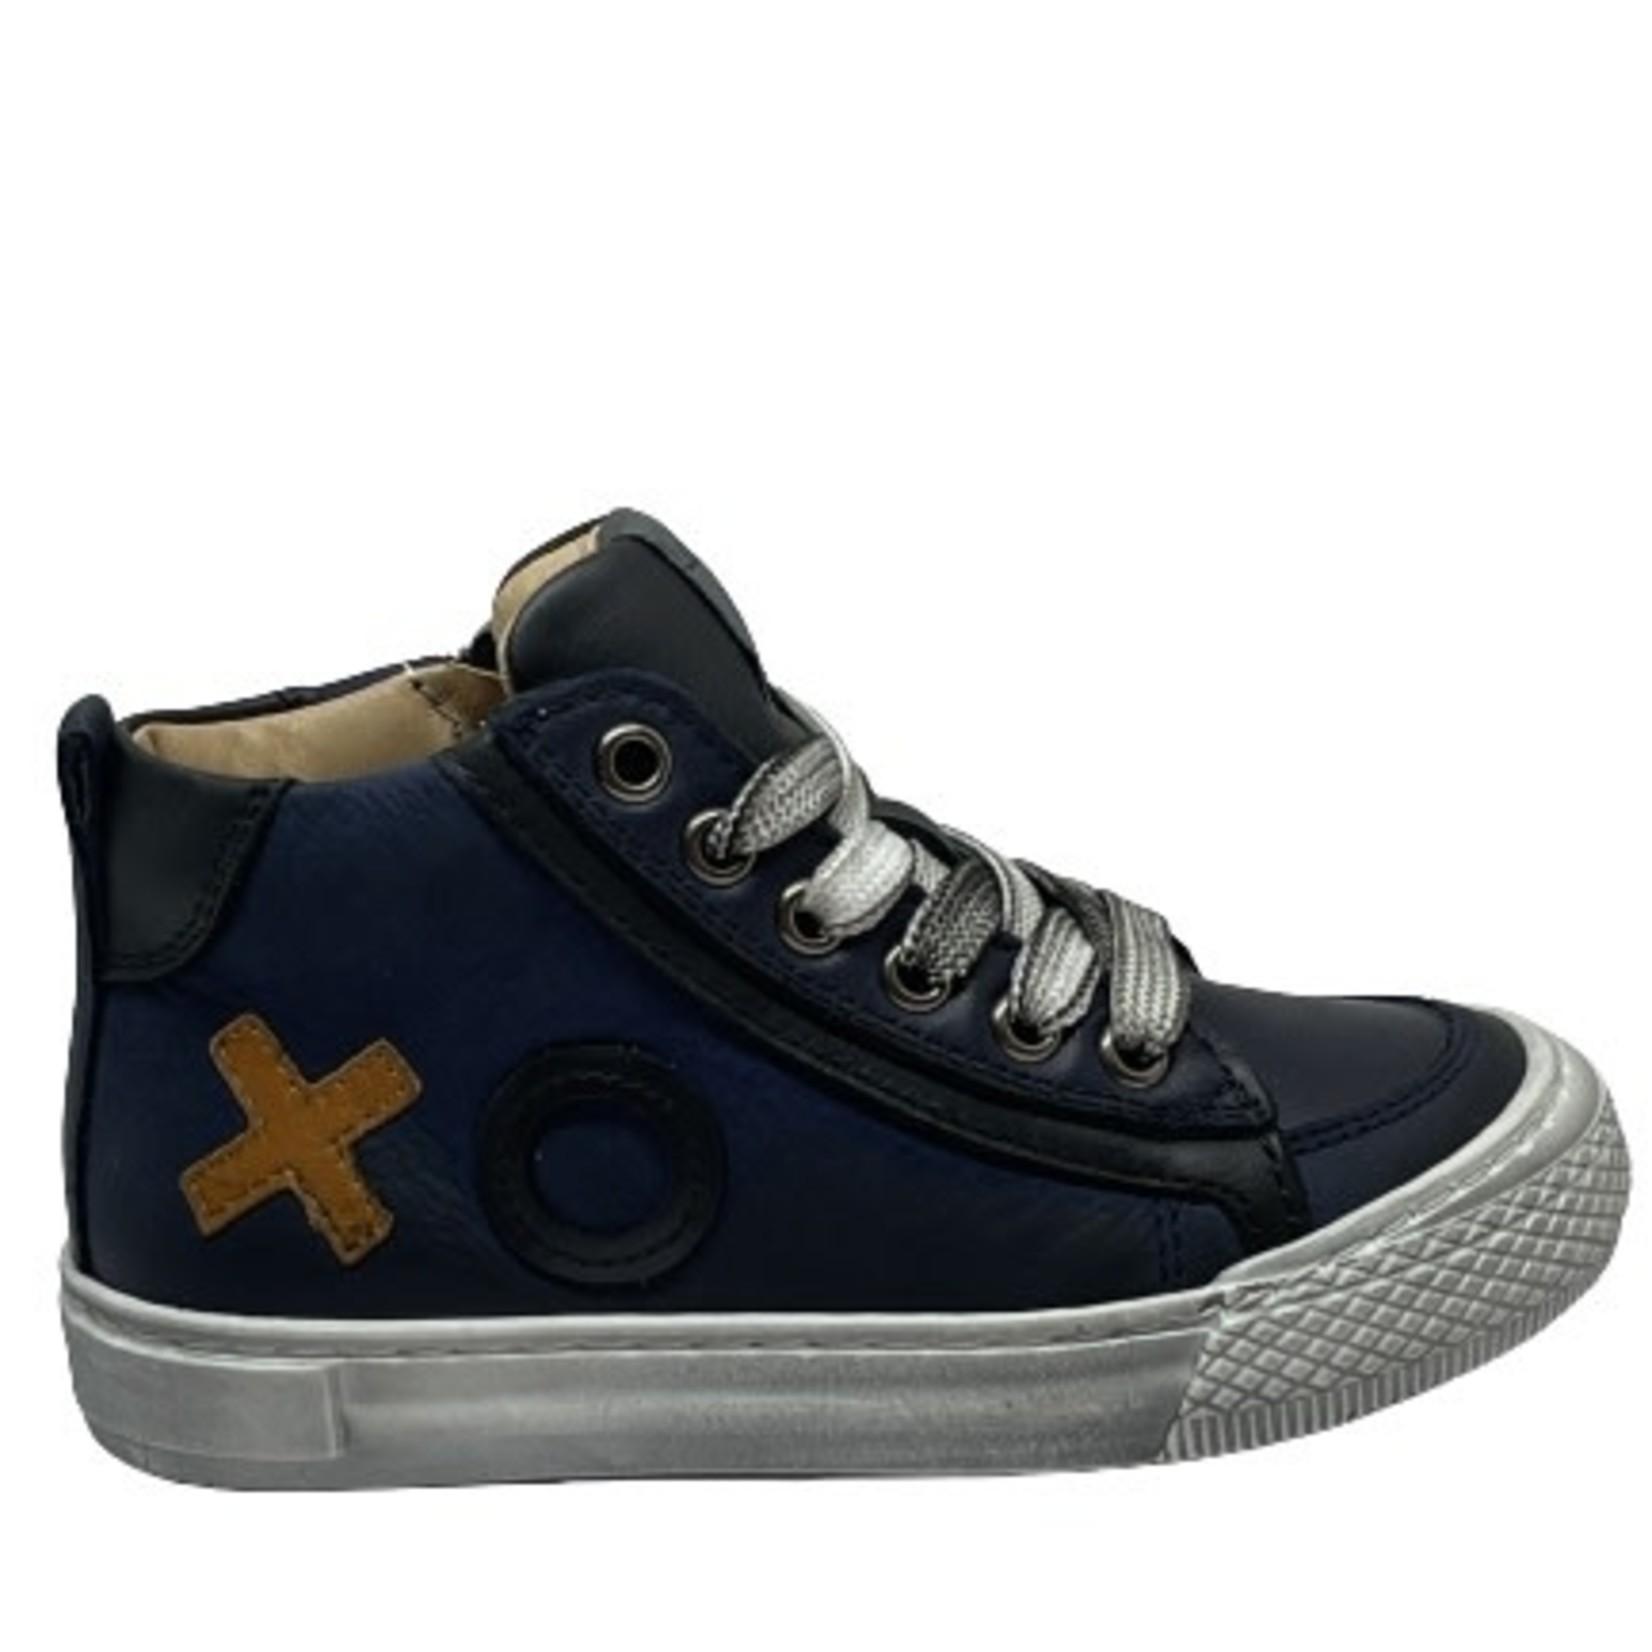 Lunella Lunella Hoge schoen Blauw